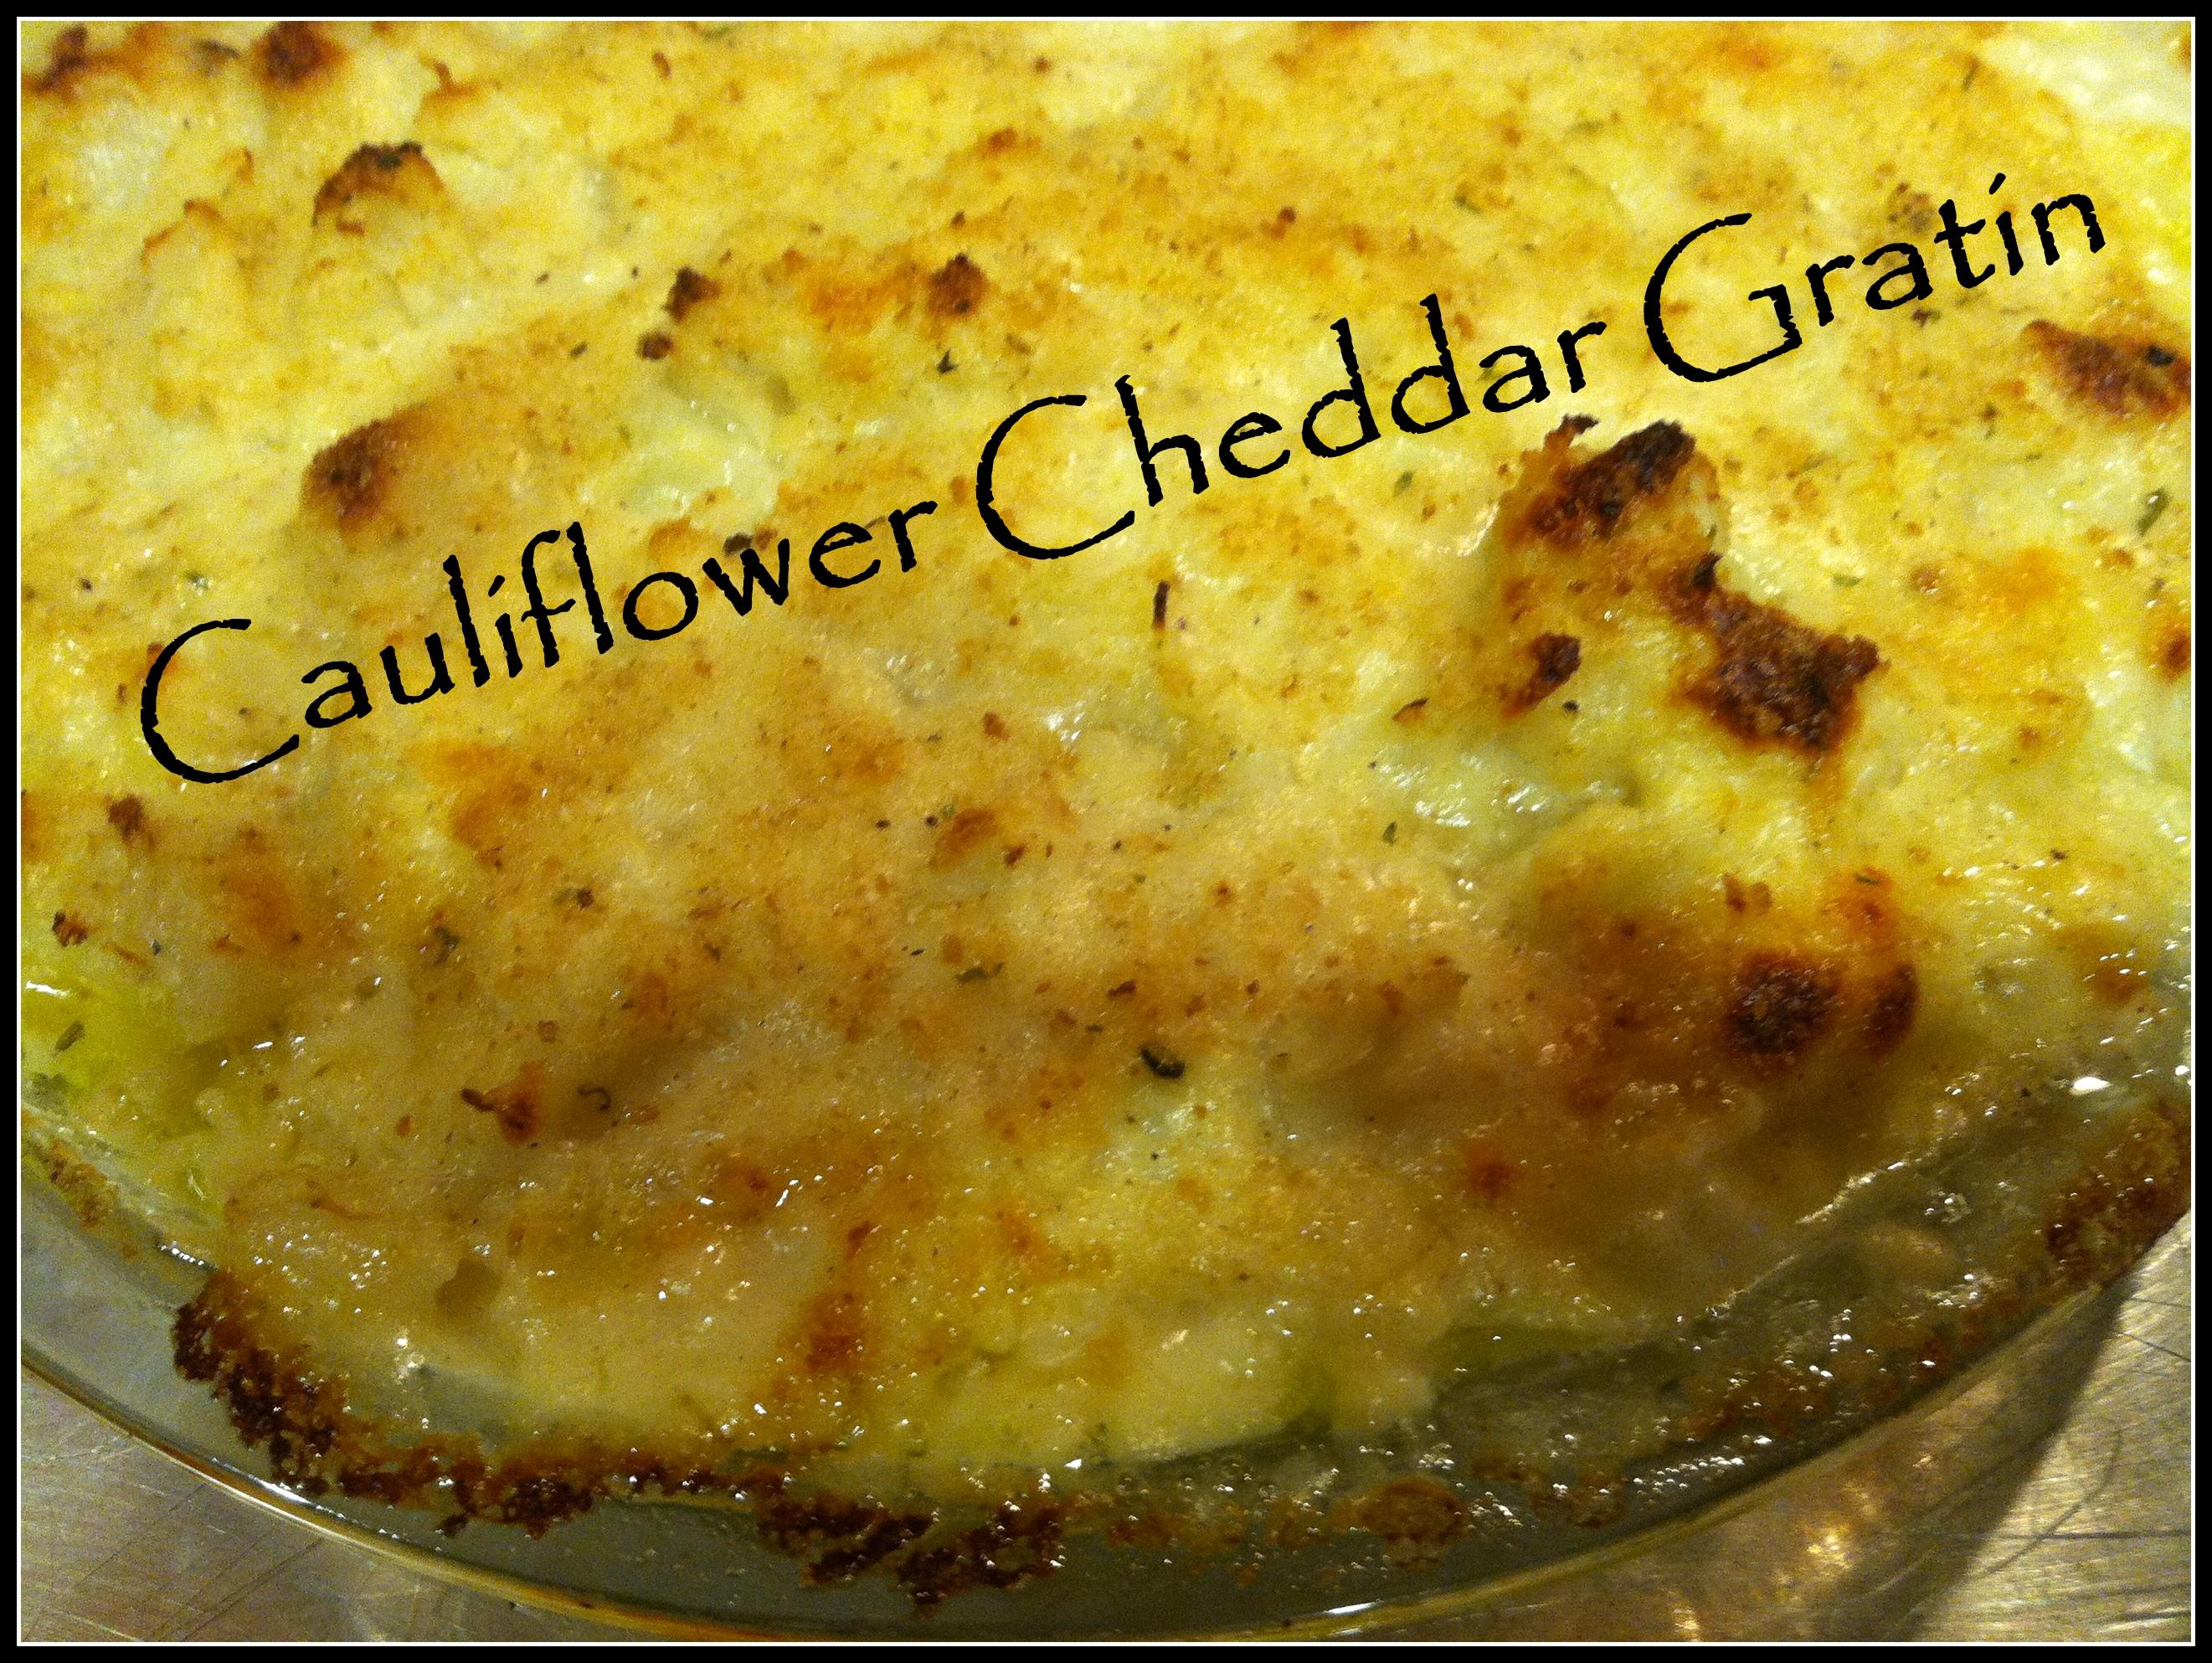 Cauliflower Cheddar Gratin